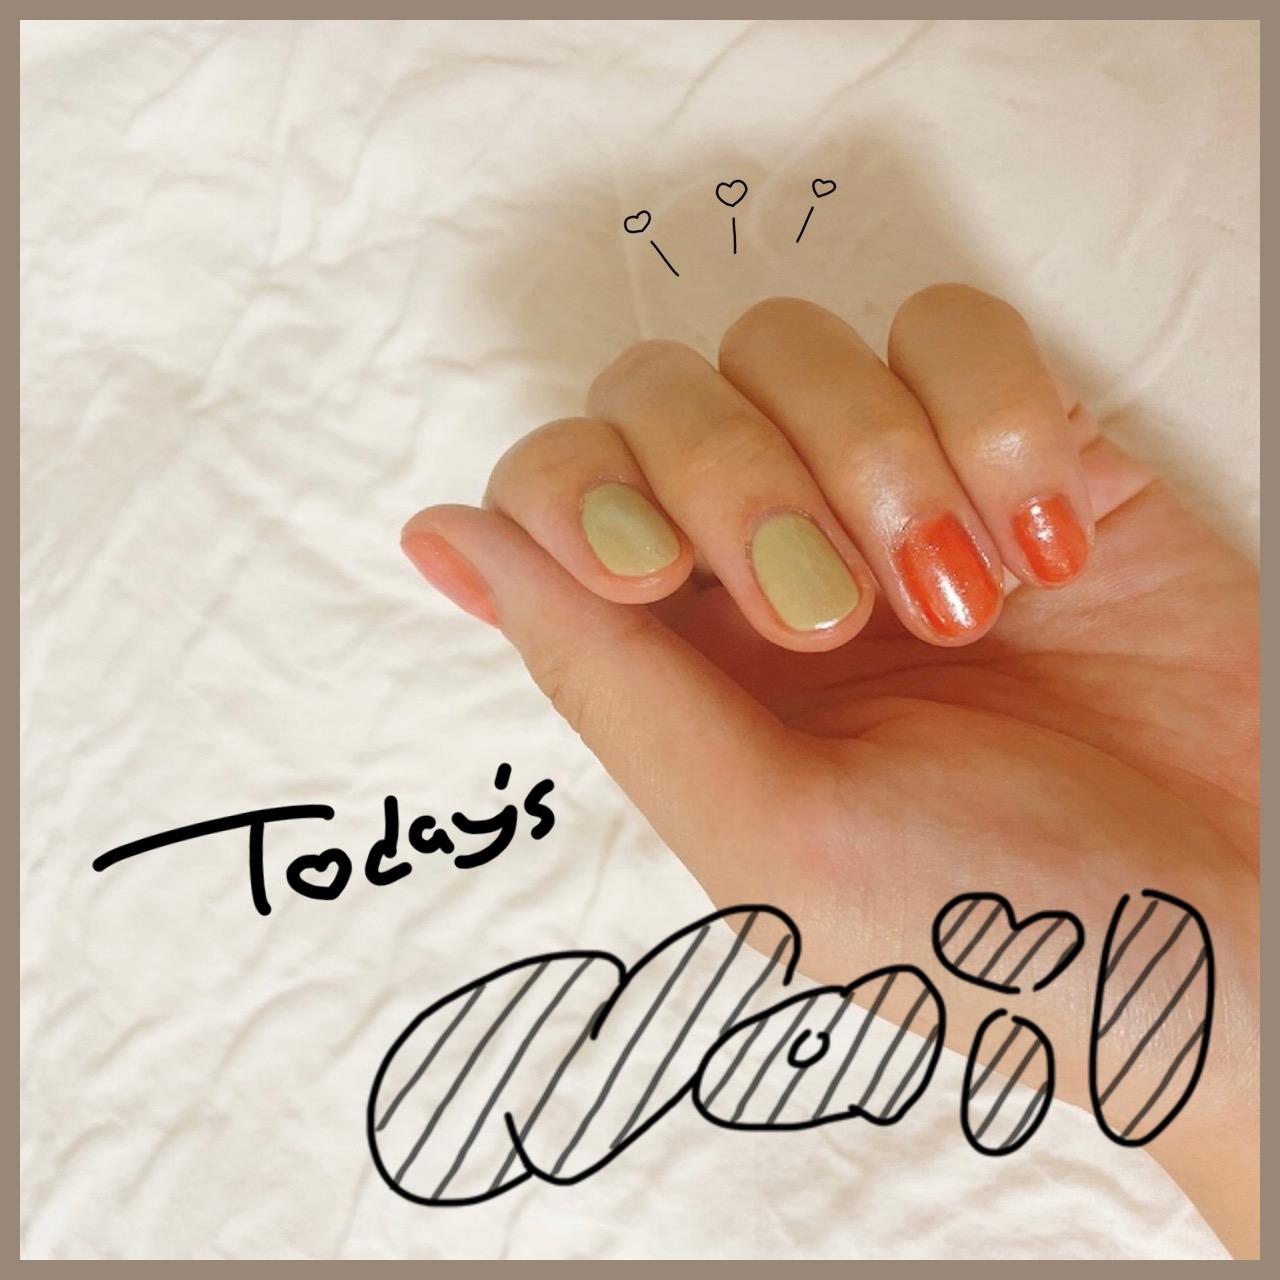 ジェルネイルをした左手の写真。爪がよく見えるように軽く握っている。人差し指と中指はピスタチオグリーン、その他の指はオレンジ。すべての指に白っぽいラメがのっている